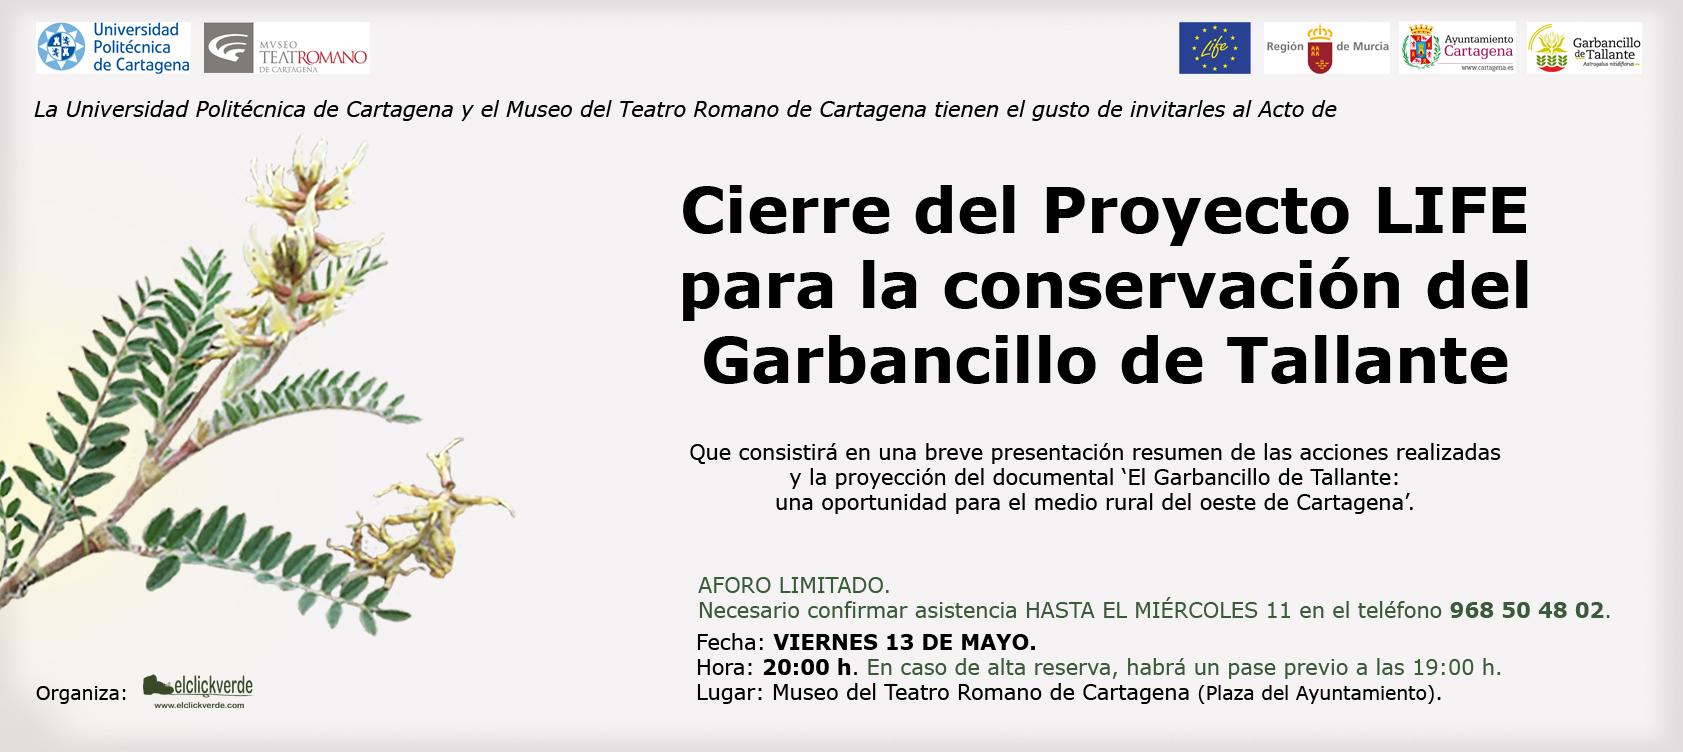 Invitacón al estreno del documental 'El Garbancillo de Tallante: una oportunidad para el medio rural del oeste de Cartagena'.